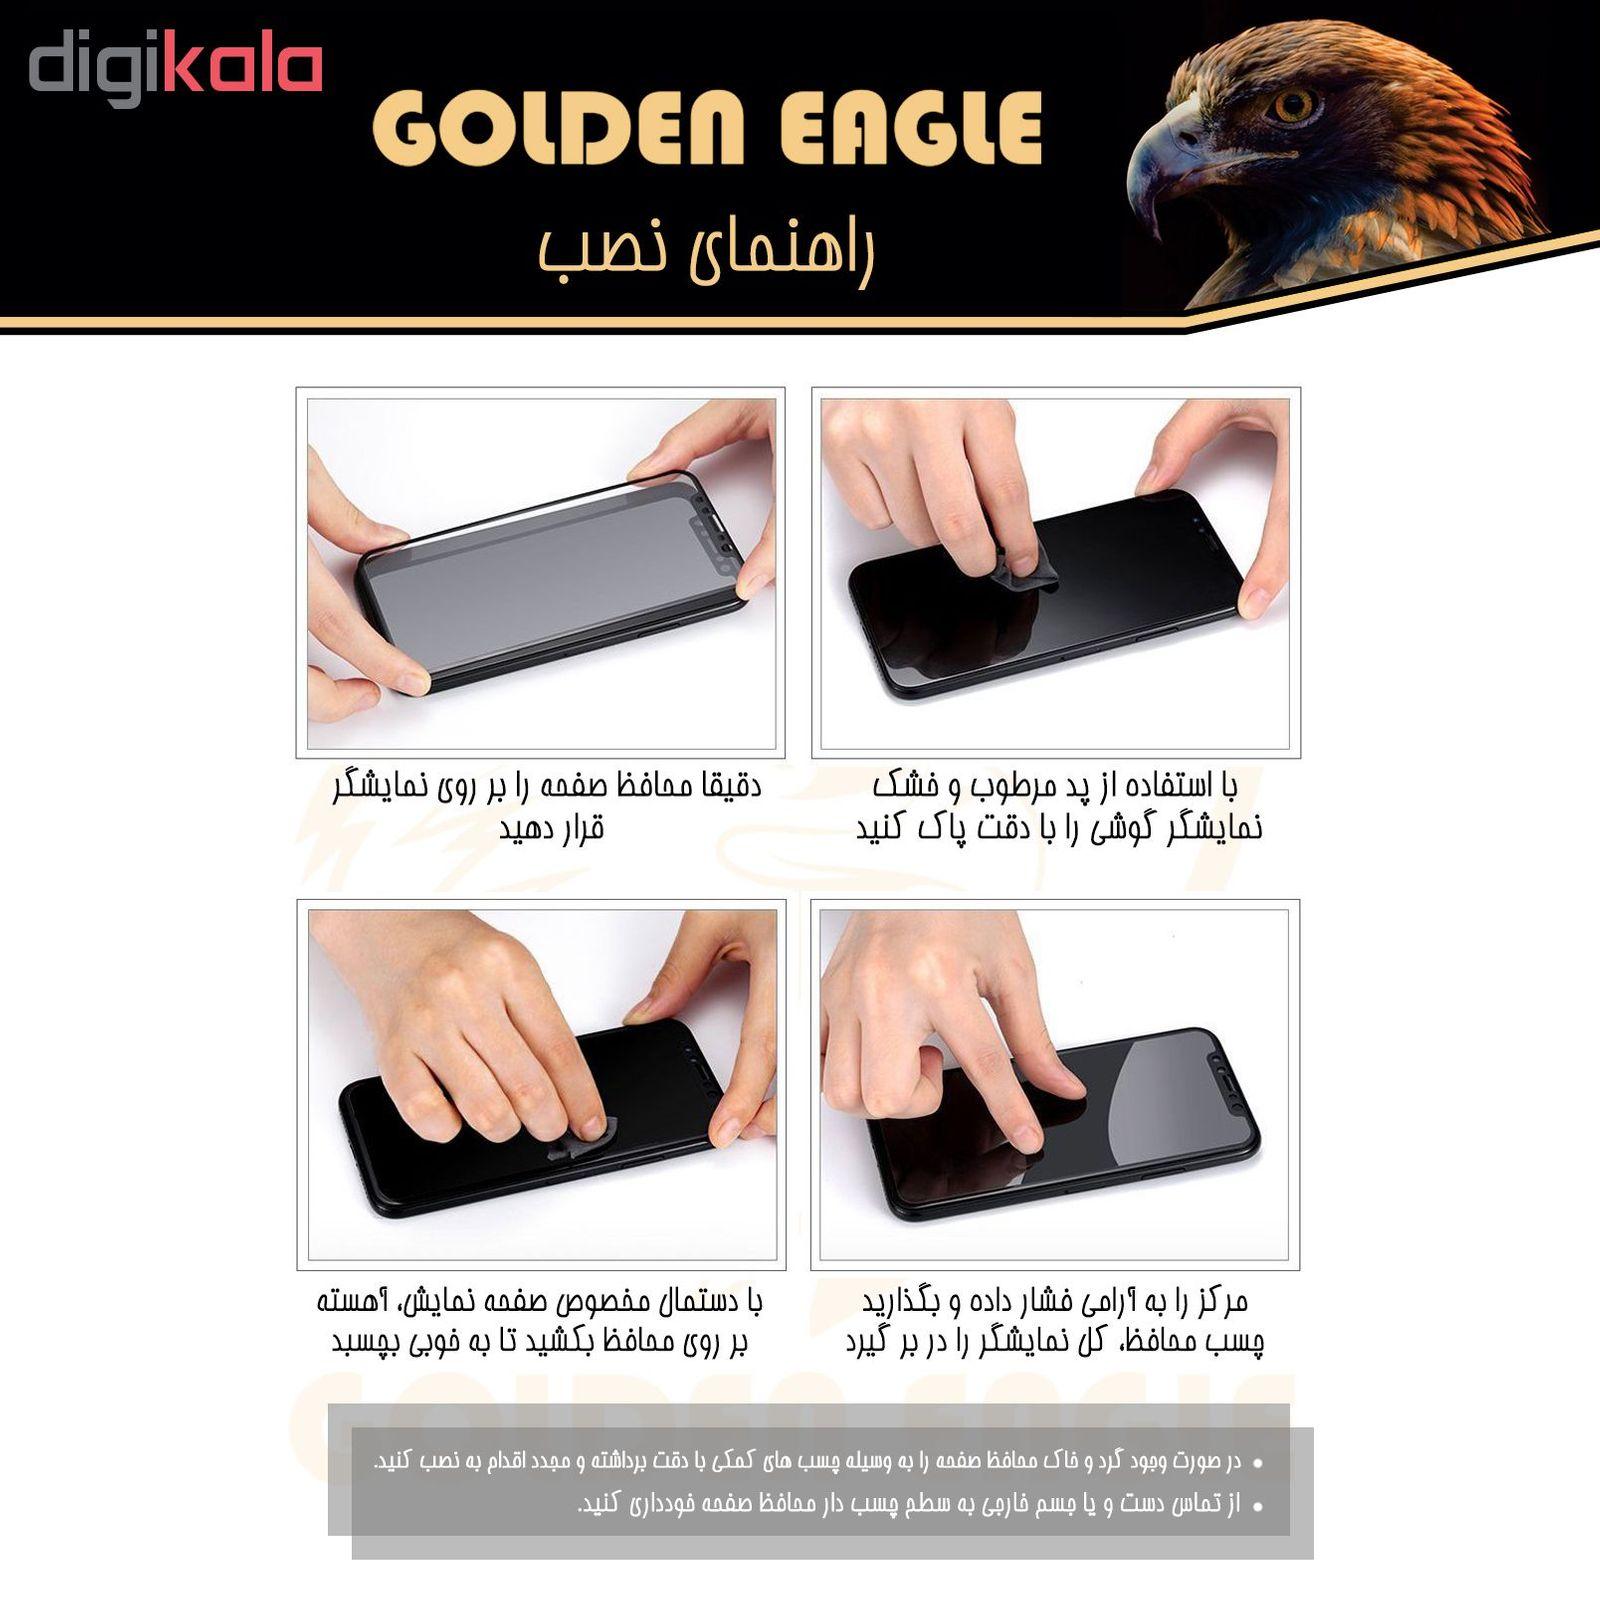 محافظ صفحه نمایش گلدن ایگل مدل DFC-X3 مناسب برای گوشی موبایل سامسونگ Galaxy Note 9 بسته سه عددی main 1 4